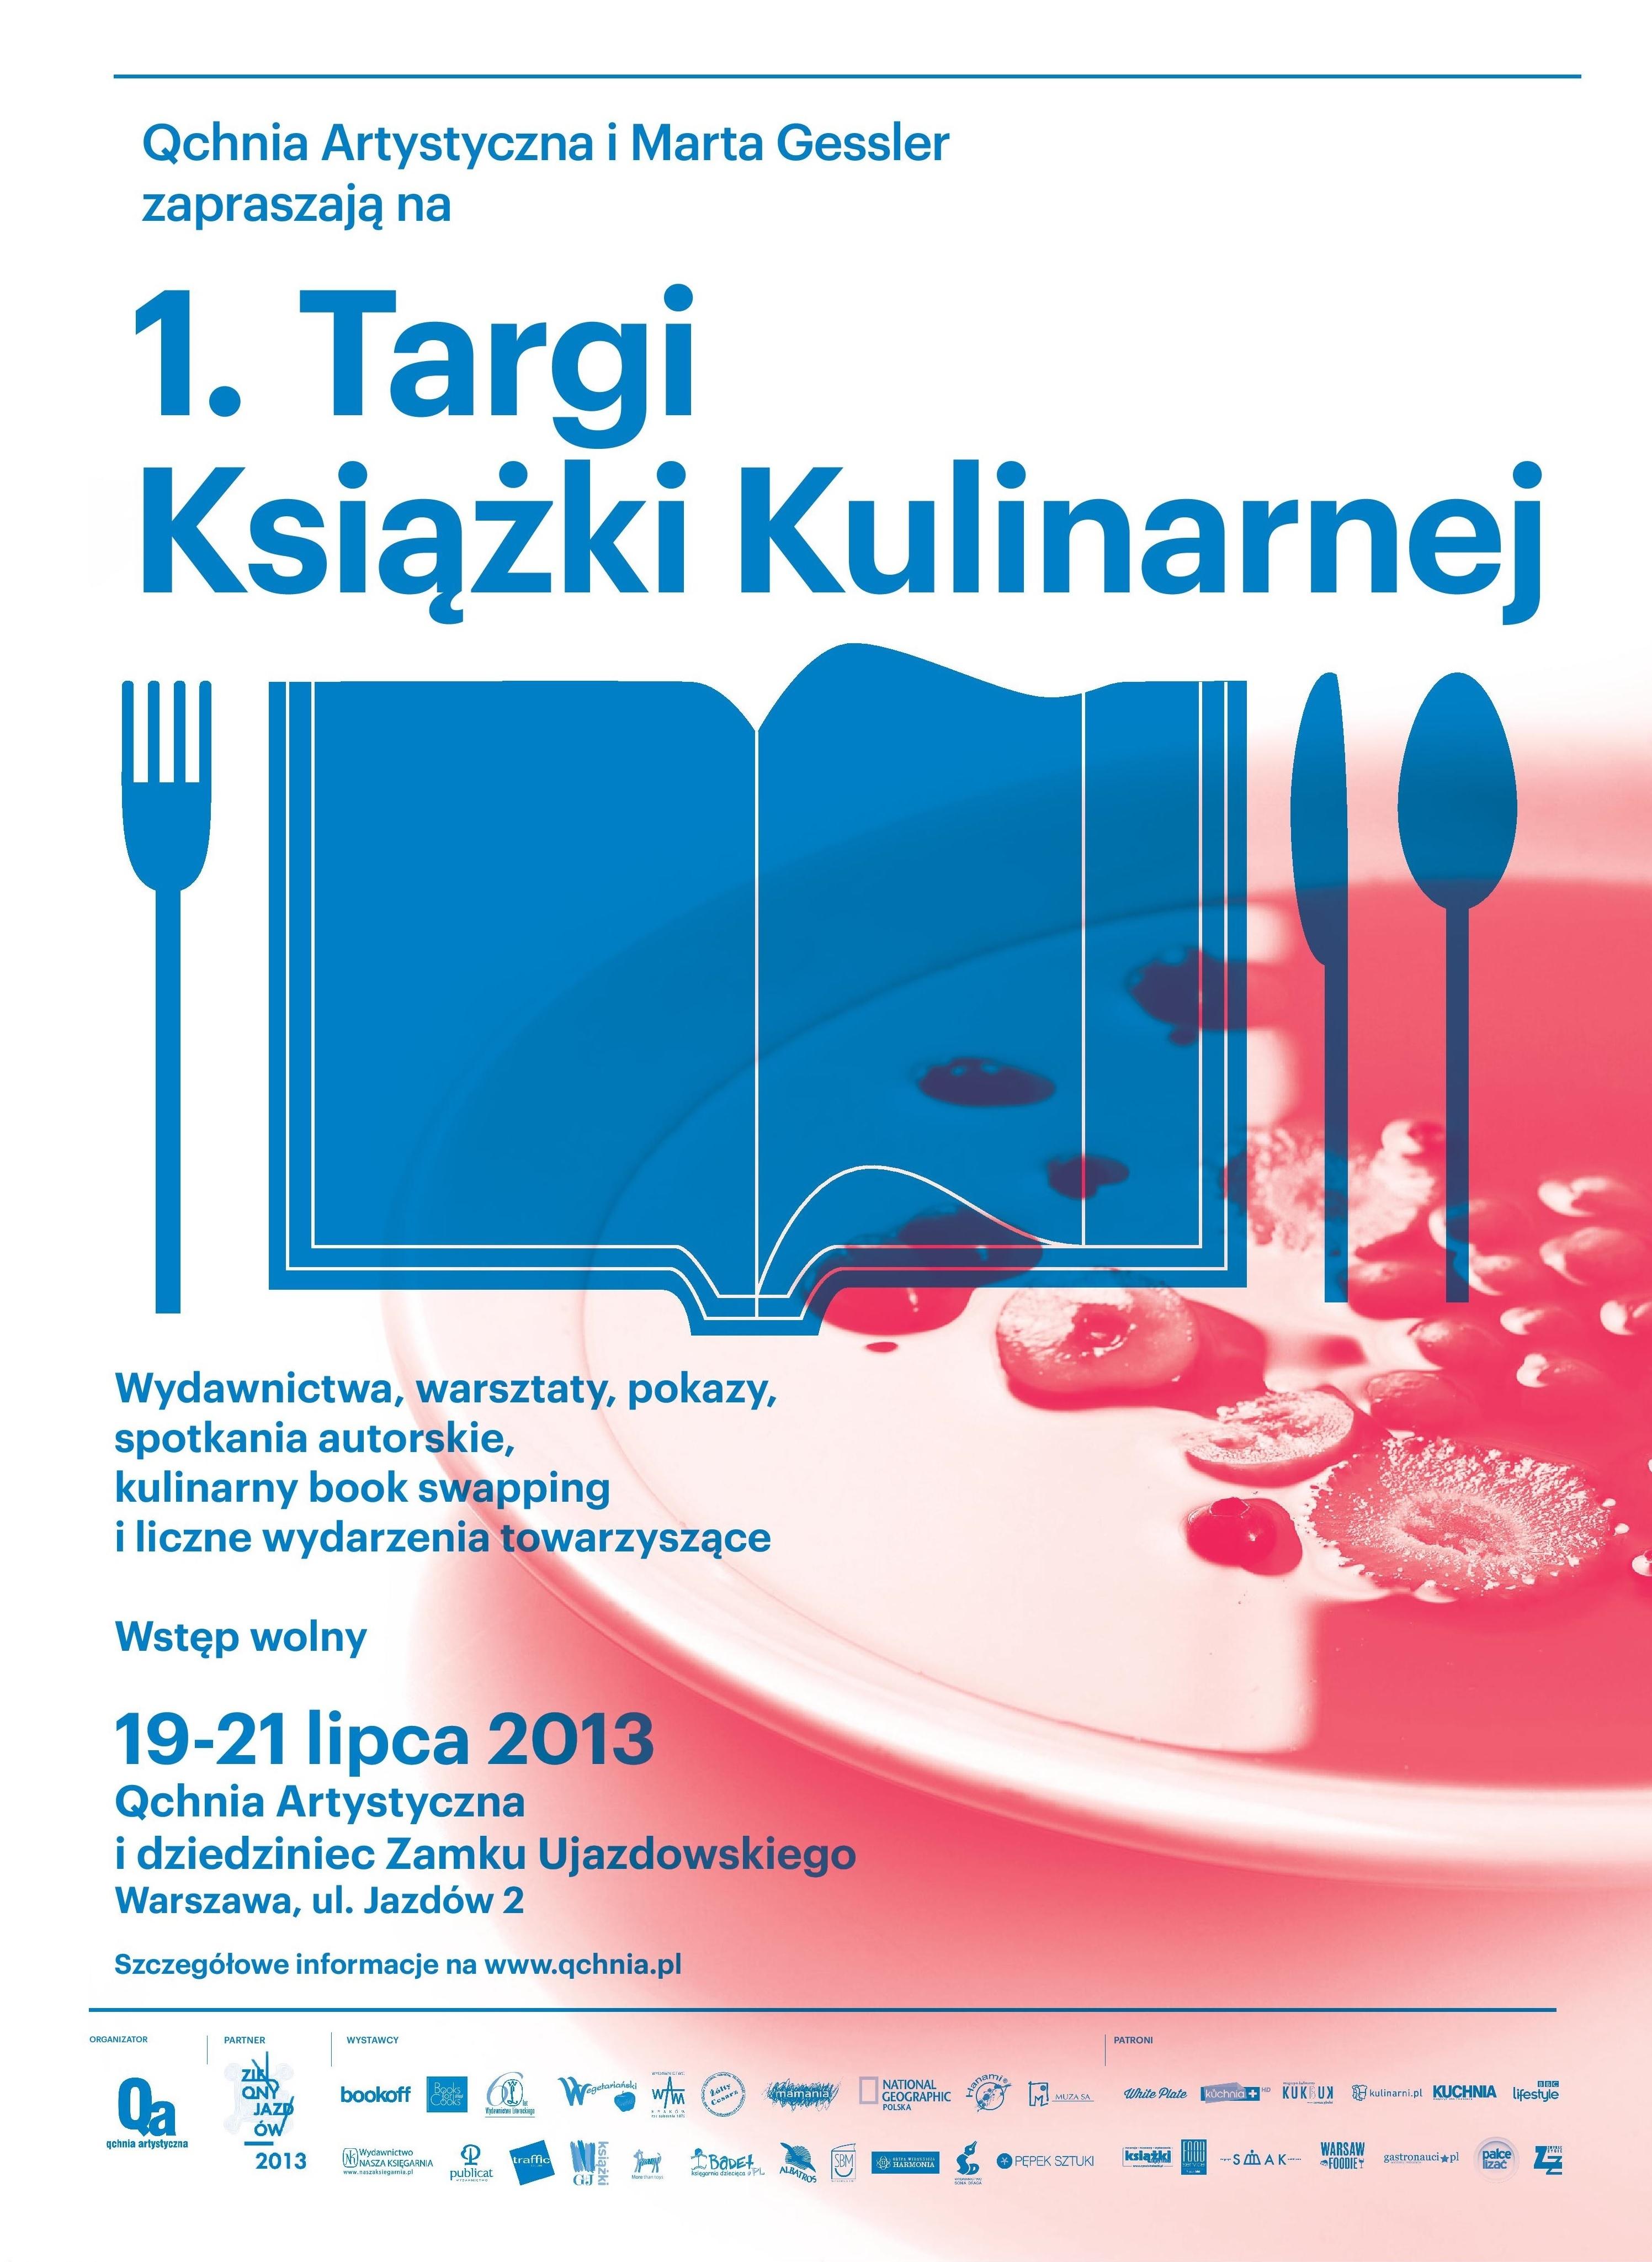 Targi Książki Kulinarnej